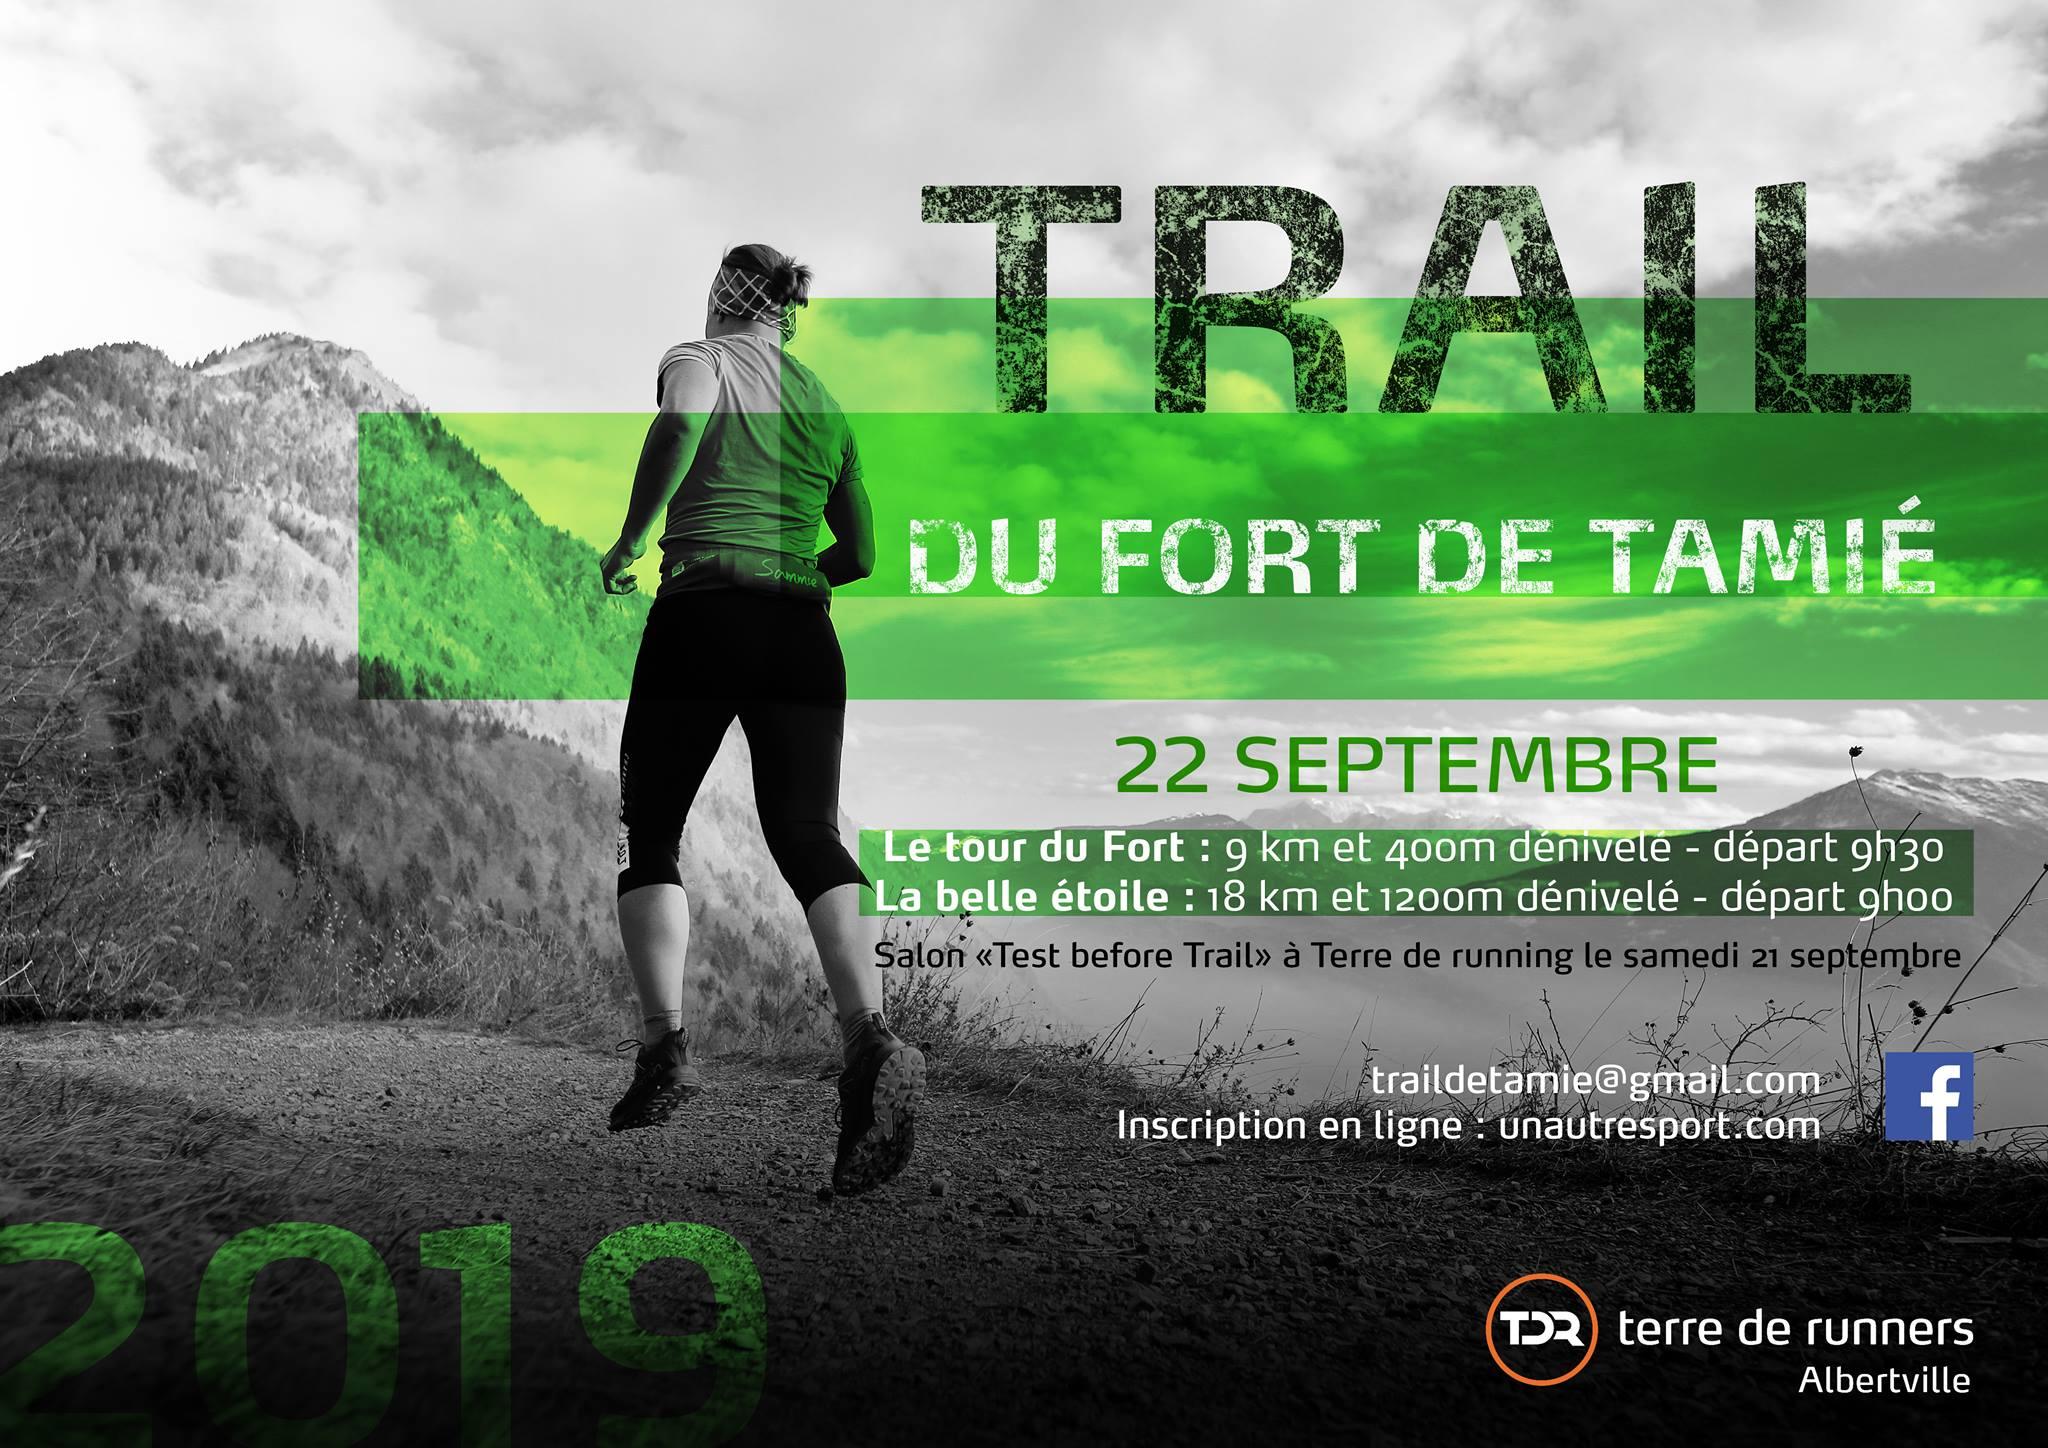 trail-tamie